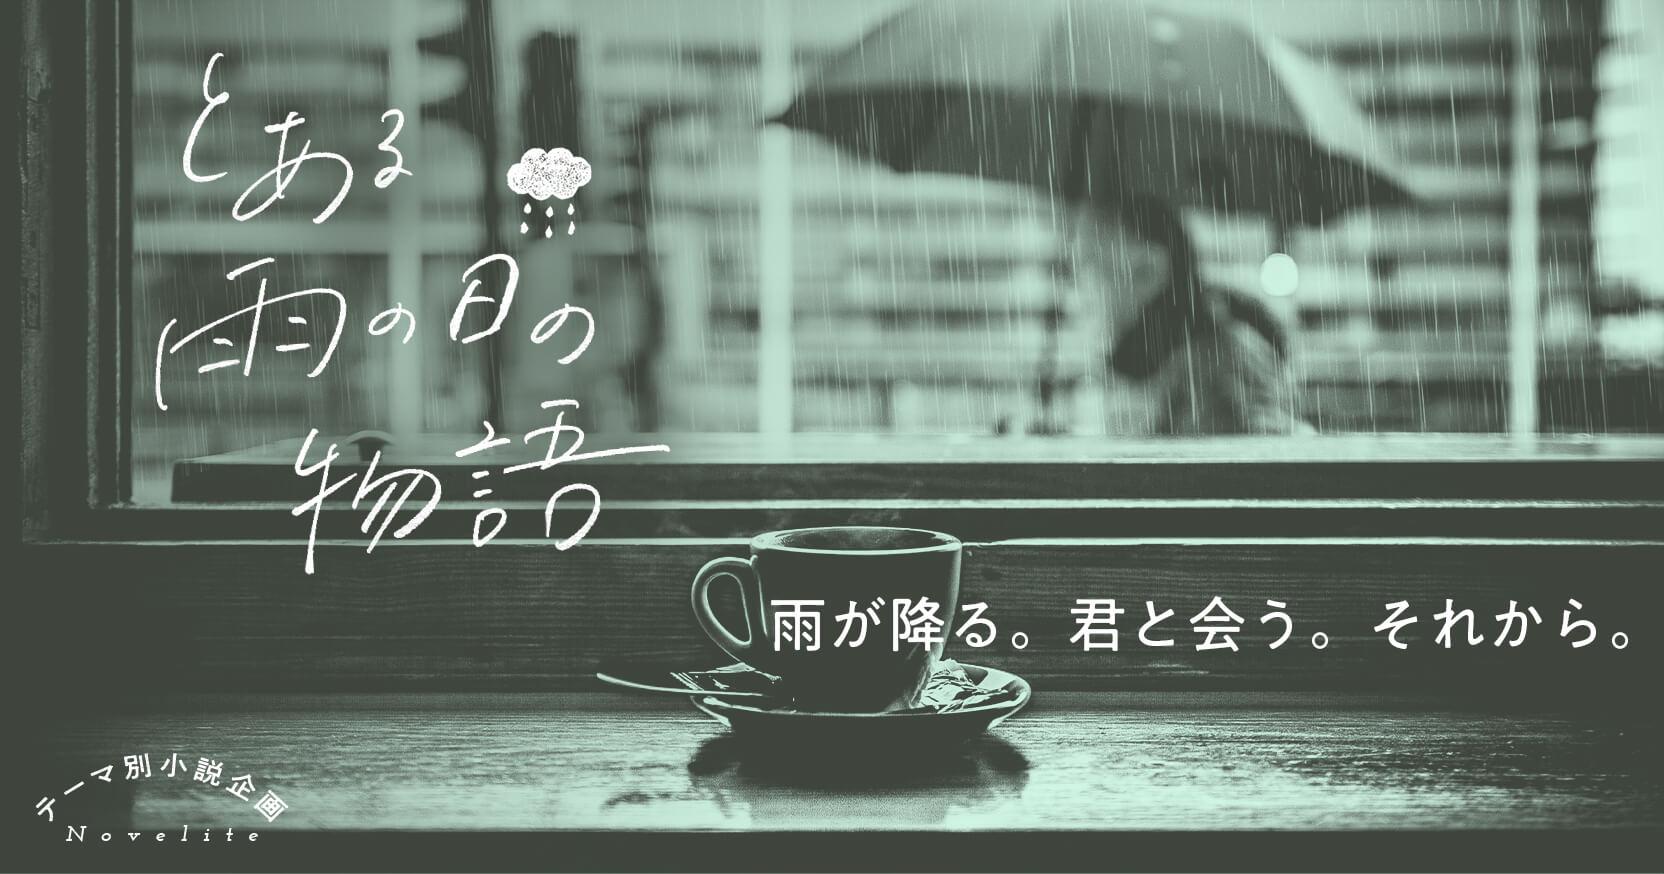 テーマ別小説企画Novelite テーマ「雨」